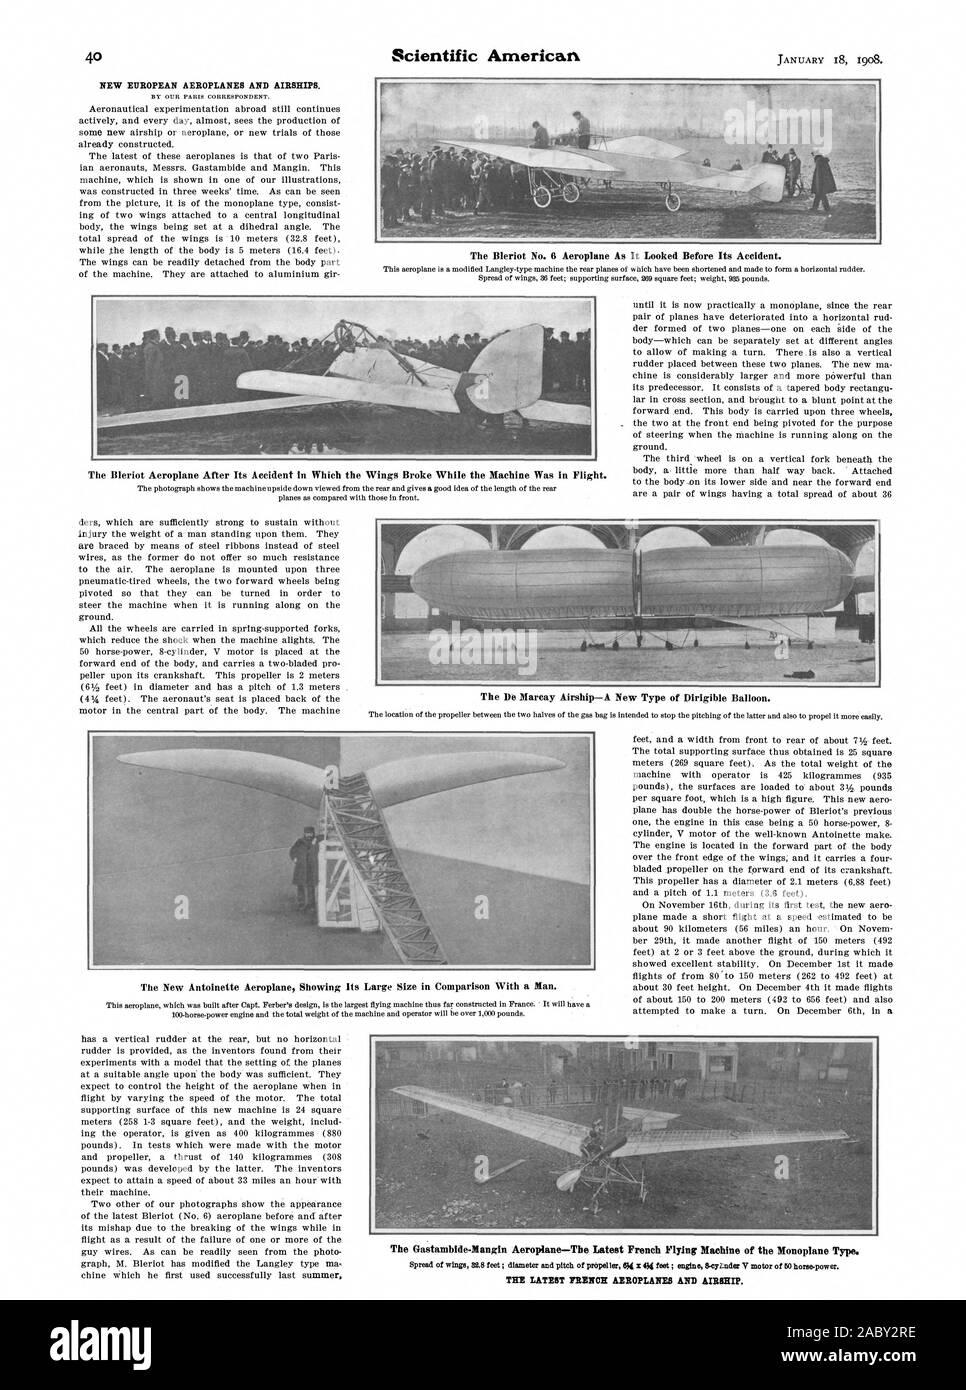 El avión Bleriot nº 6 tal como era antes de su accidente. El avión Bleriot tras su accidente en el cual las alas se rompieron mientras la máquina estaba en vuelo. El Dirigible Marcay-Un nuevo tipo de globo dirigible. El nuevo avión Antoinette mostrando su gran tamaño en comparación con un hombre. El avión Gastambide-Mangin-Tbe última máquina voladora francés del tipo monoplano. Los últimos aviones franceses y dirigible., Scientific American, 1908-01-18 Foto de stock